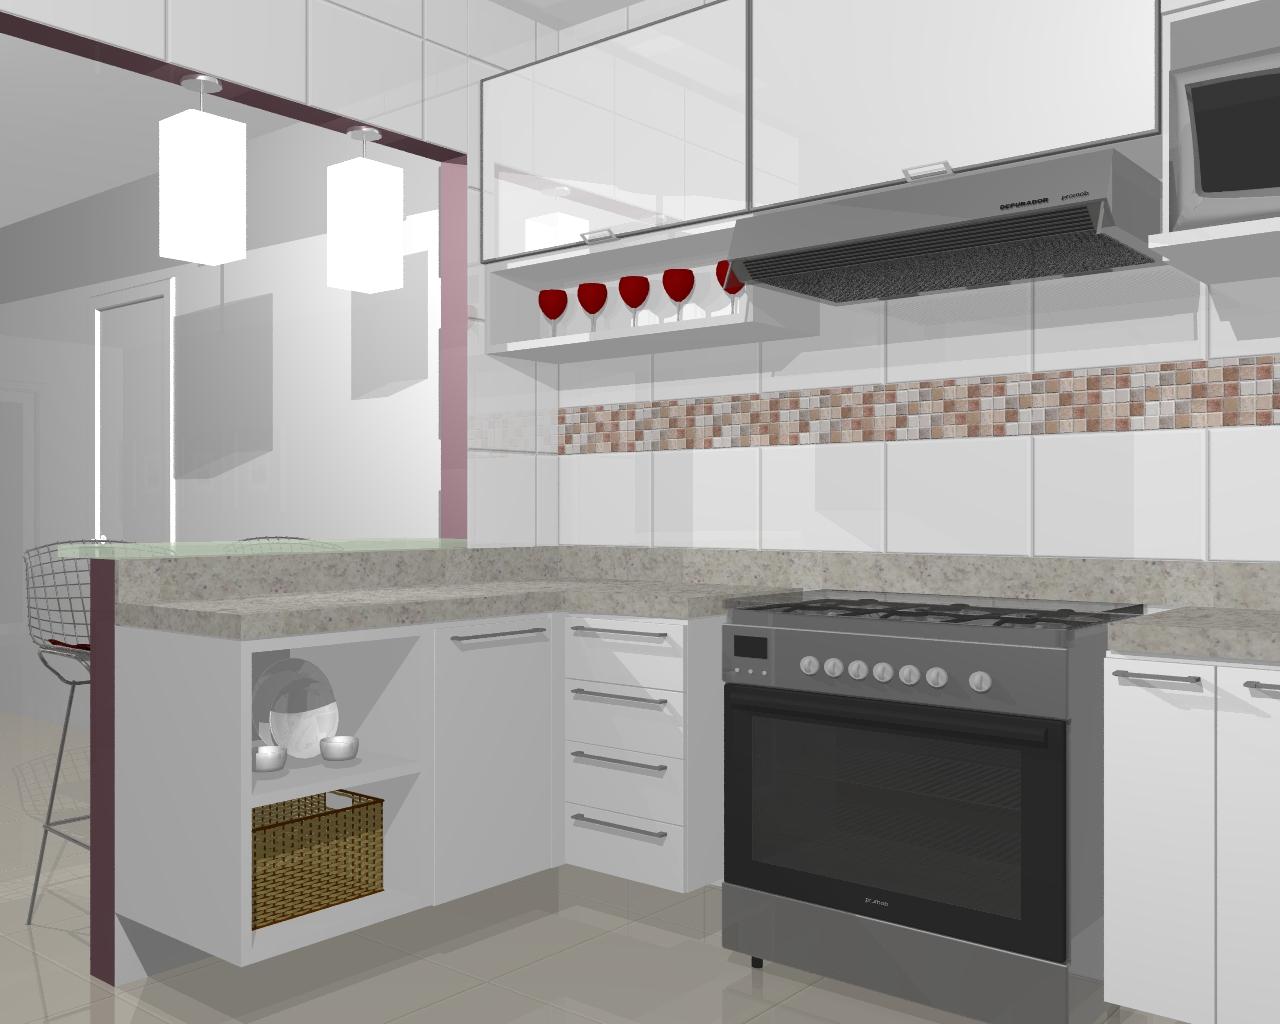 Consultoria PA: Sra. Luana Freitas Reforma da cozinha Belém PA #623D2D 1280 1024